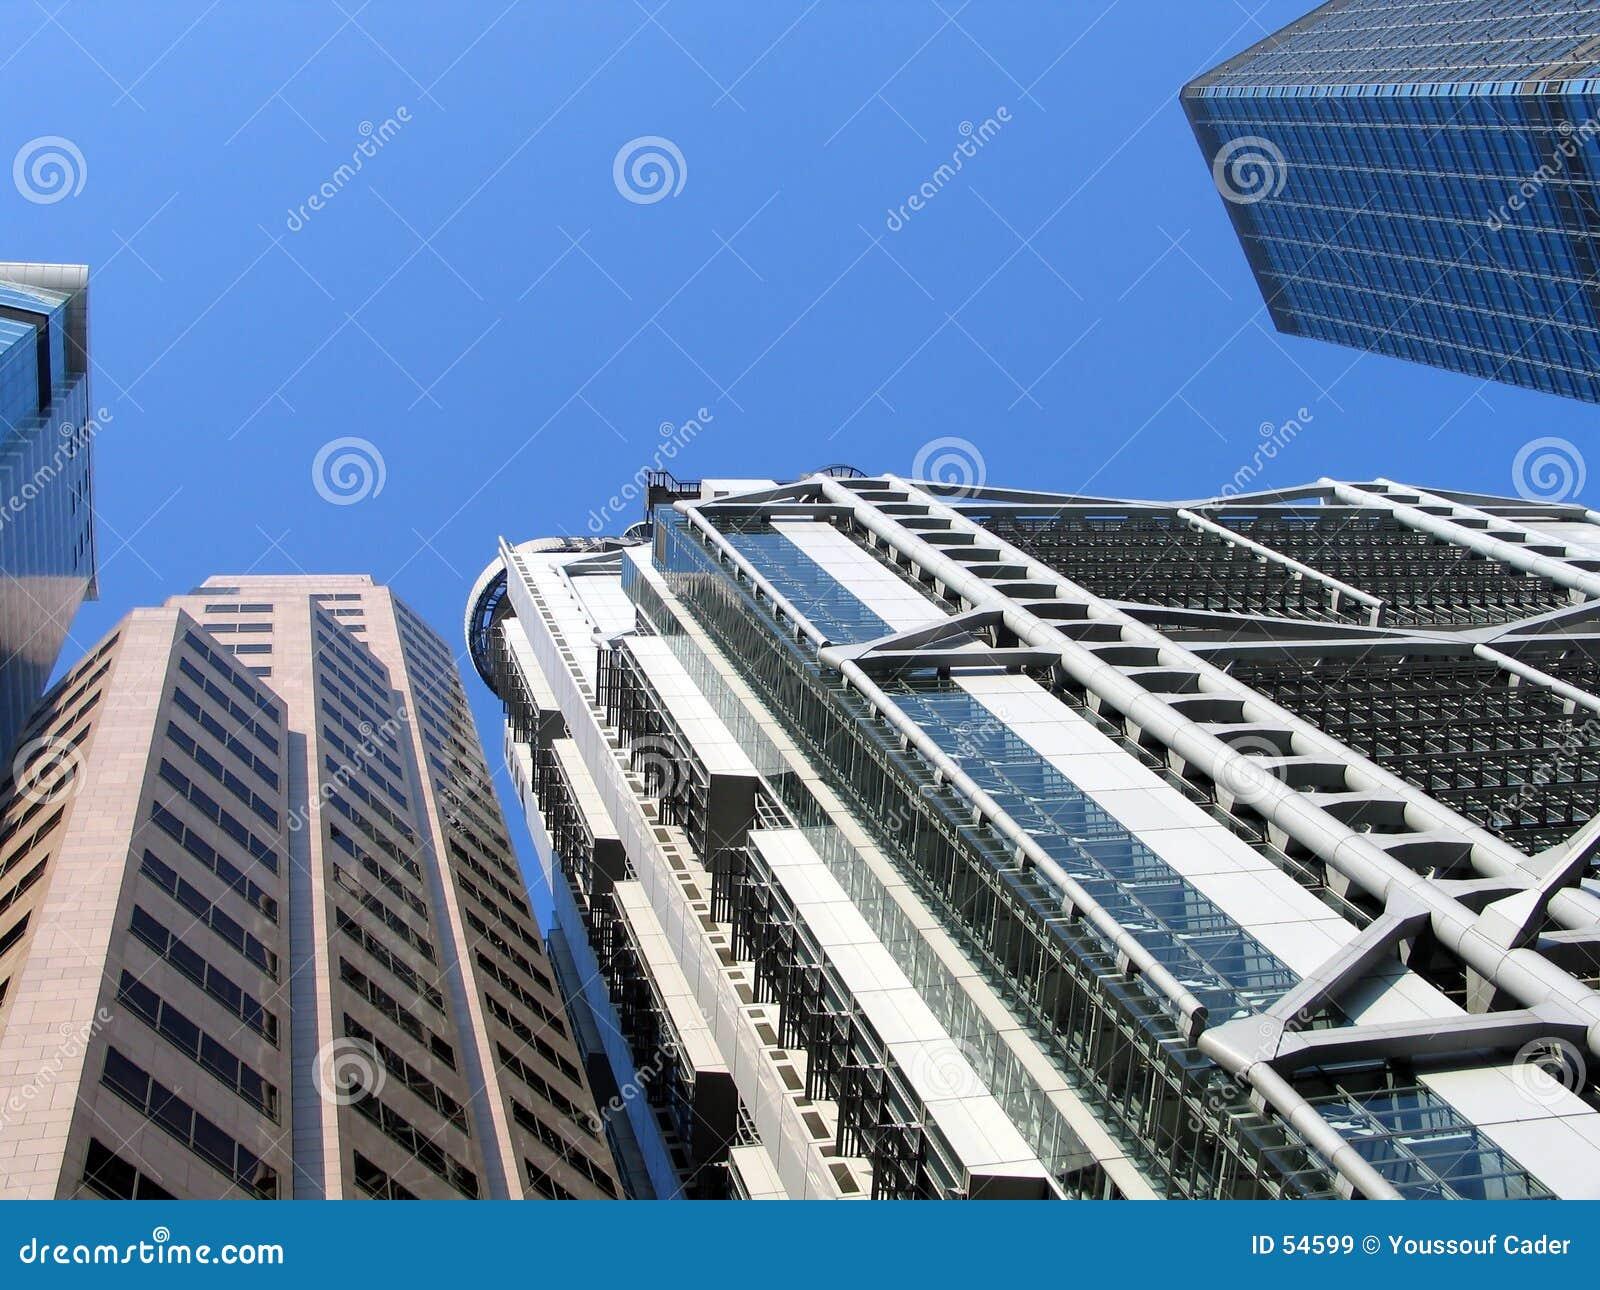 Download Grattacieli immagine stock. Immagine di moderno, architettura - 54599